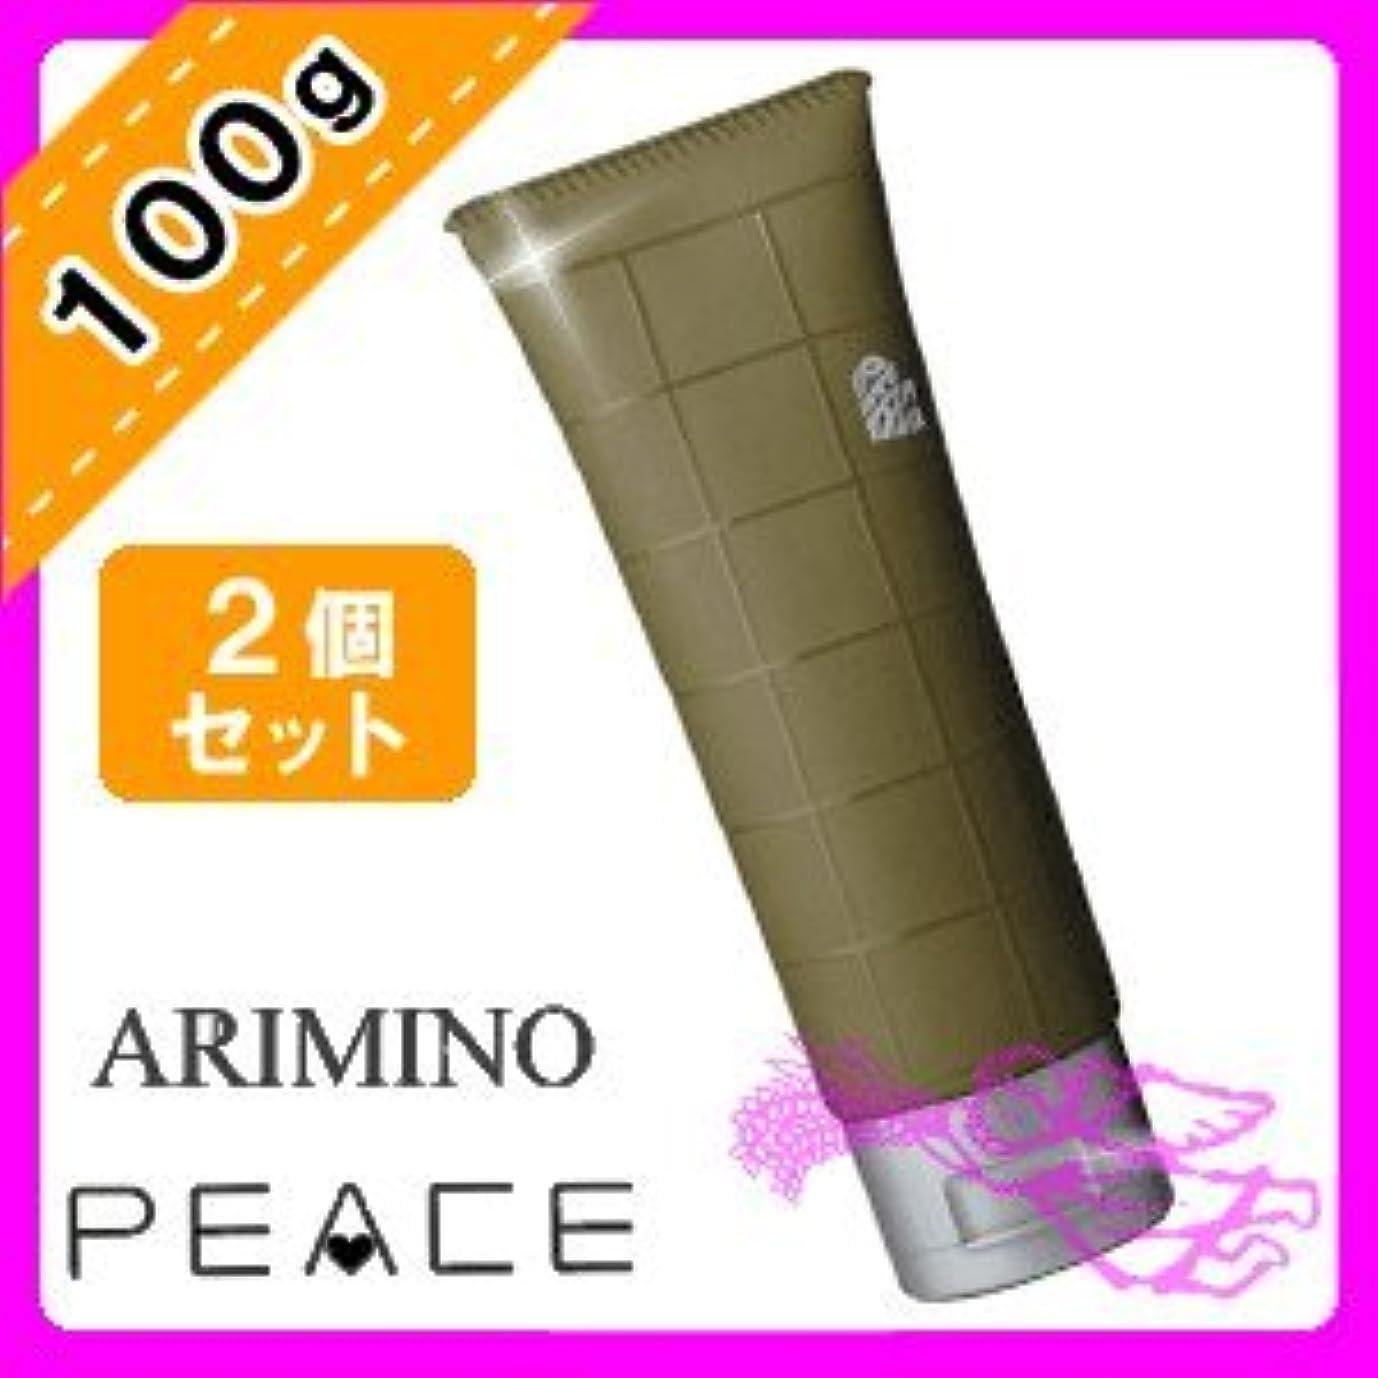 ゴールド司書特権アリミノ ピース ウェットオイル ワックス 100g ×2個セット arimino PEACE